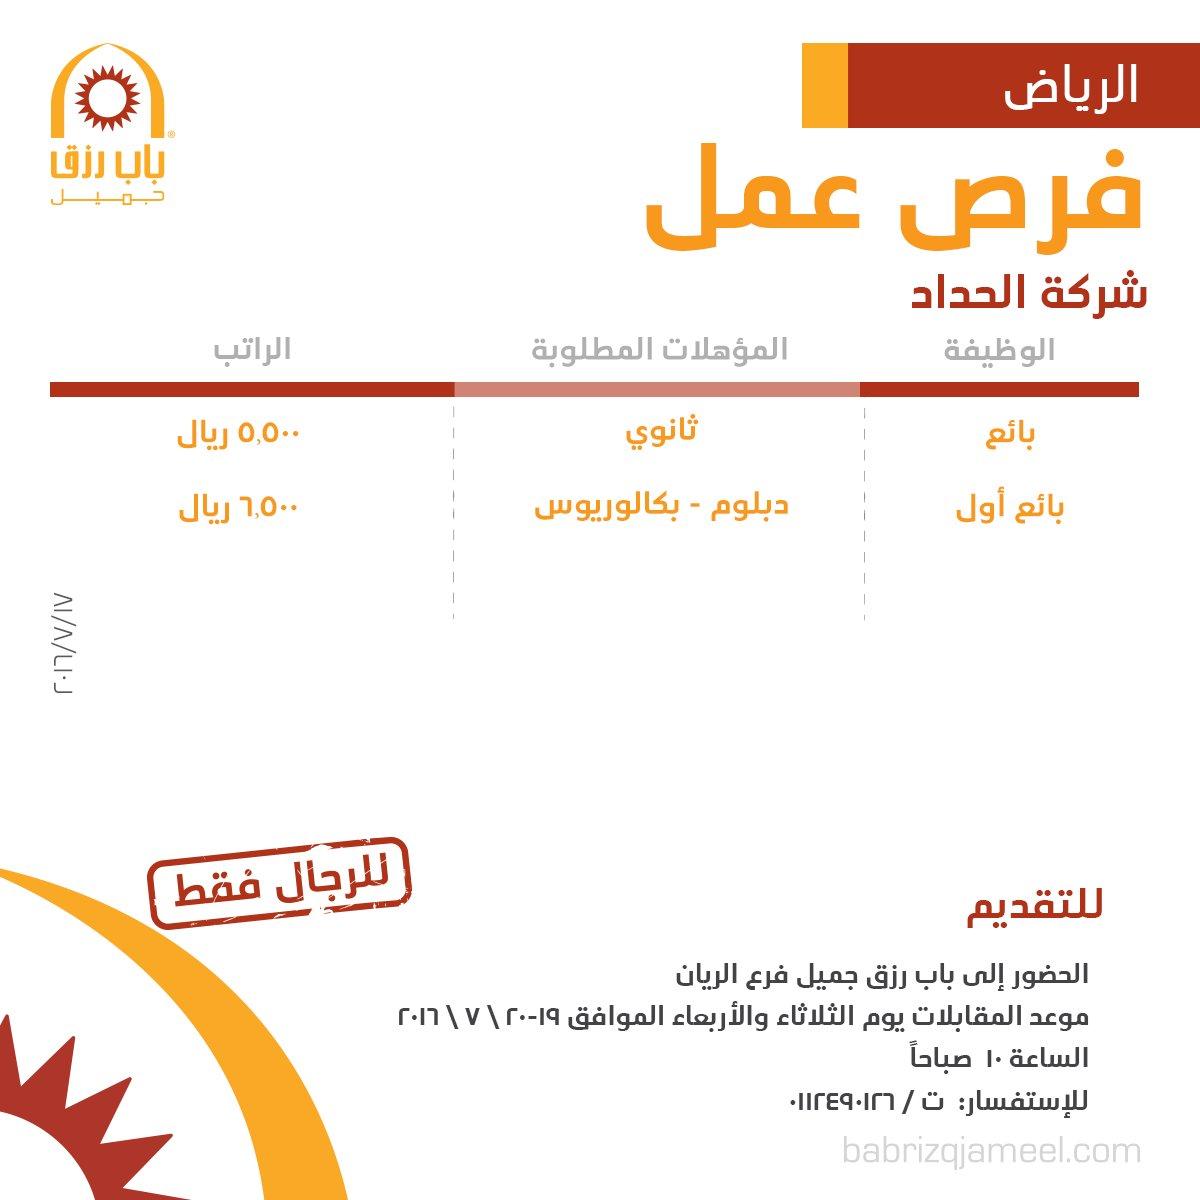 غدا الثلاثاء وبعد غد الأربعاء التقديم على وظائف مبيعات في شركة الحداد - الرياض